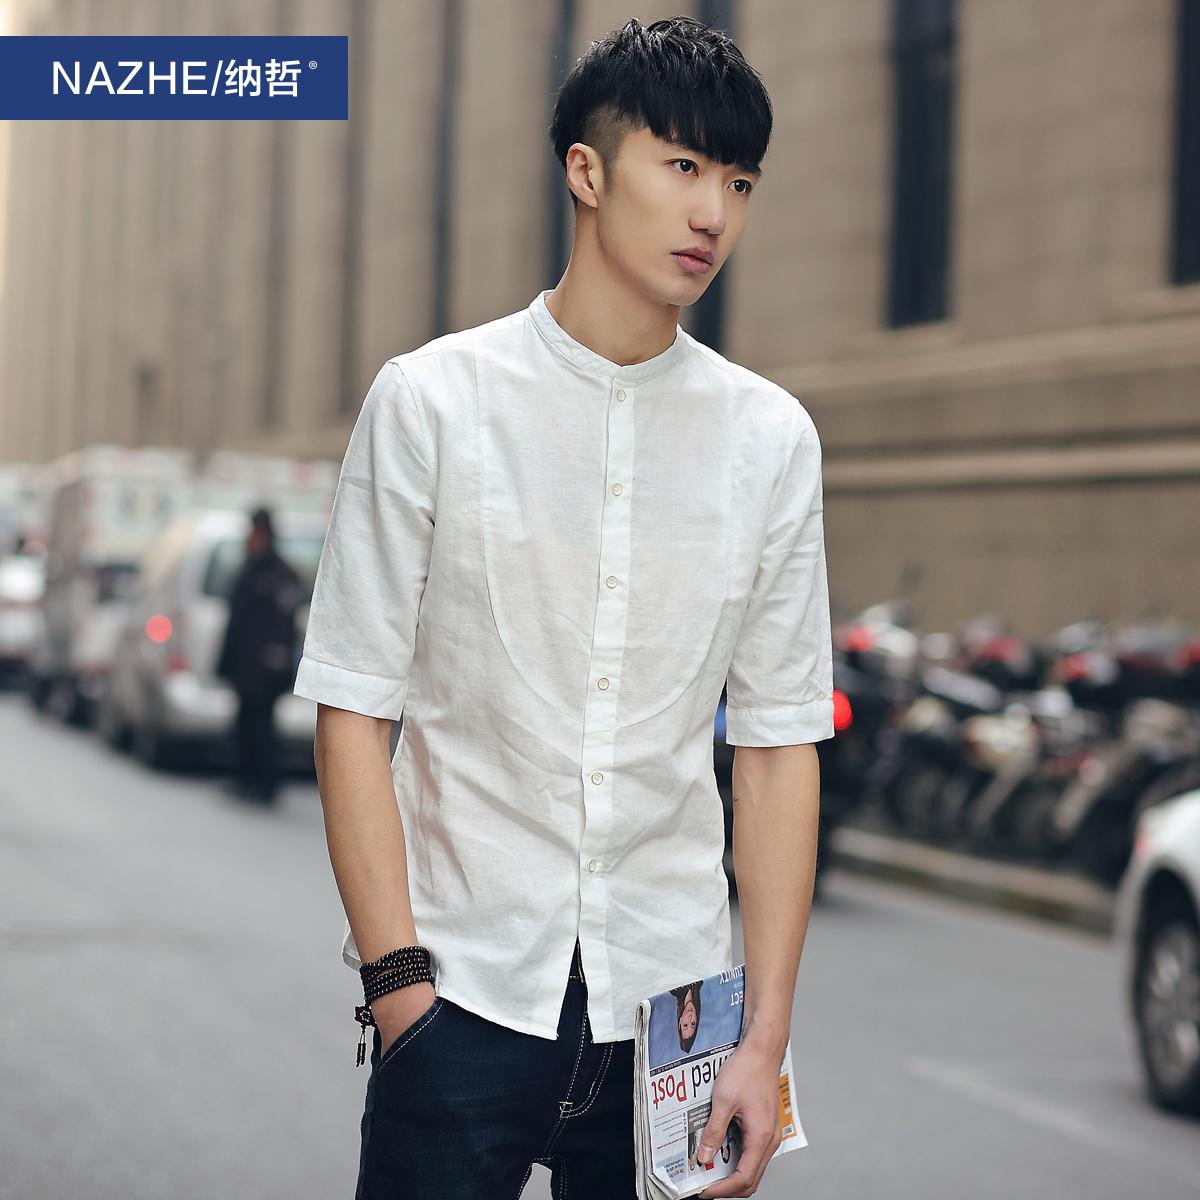 夏季潮流韩版男士修身七分袖衬衫 日系休闲磨毛格子7分中袖衬衣服